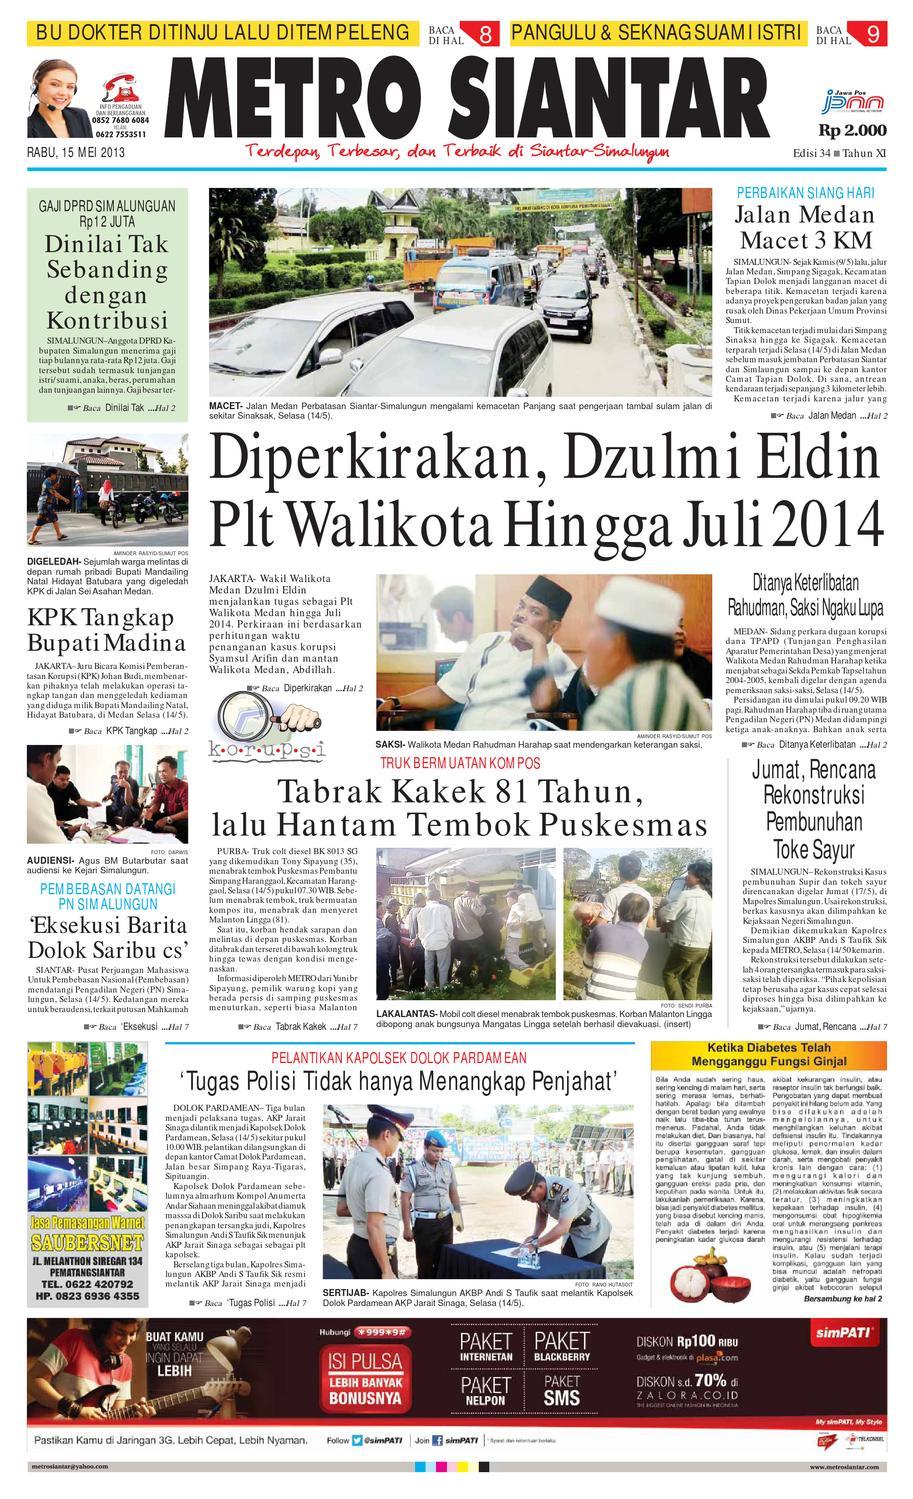 Epaper Metro Siantar Online By Issuu Krezi Kamis 17 Bantal Leher Bulu C House